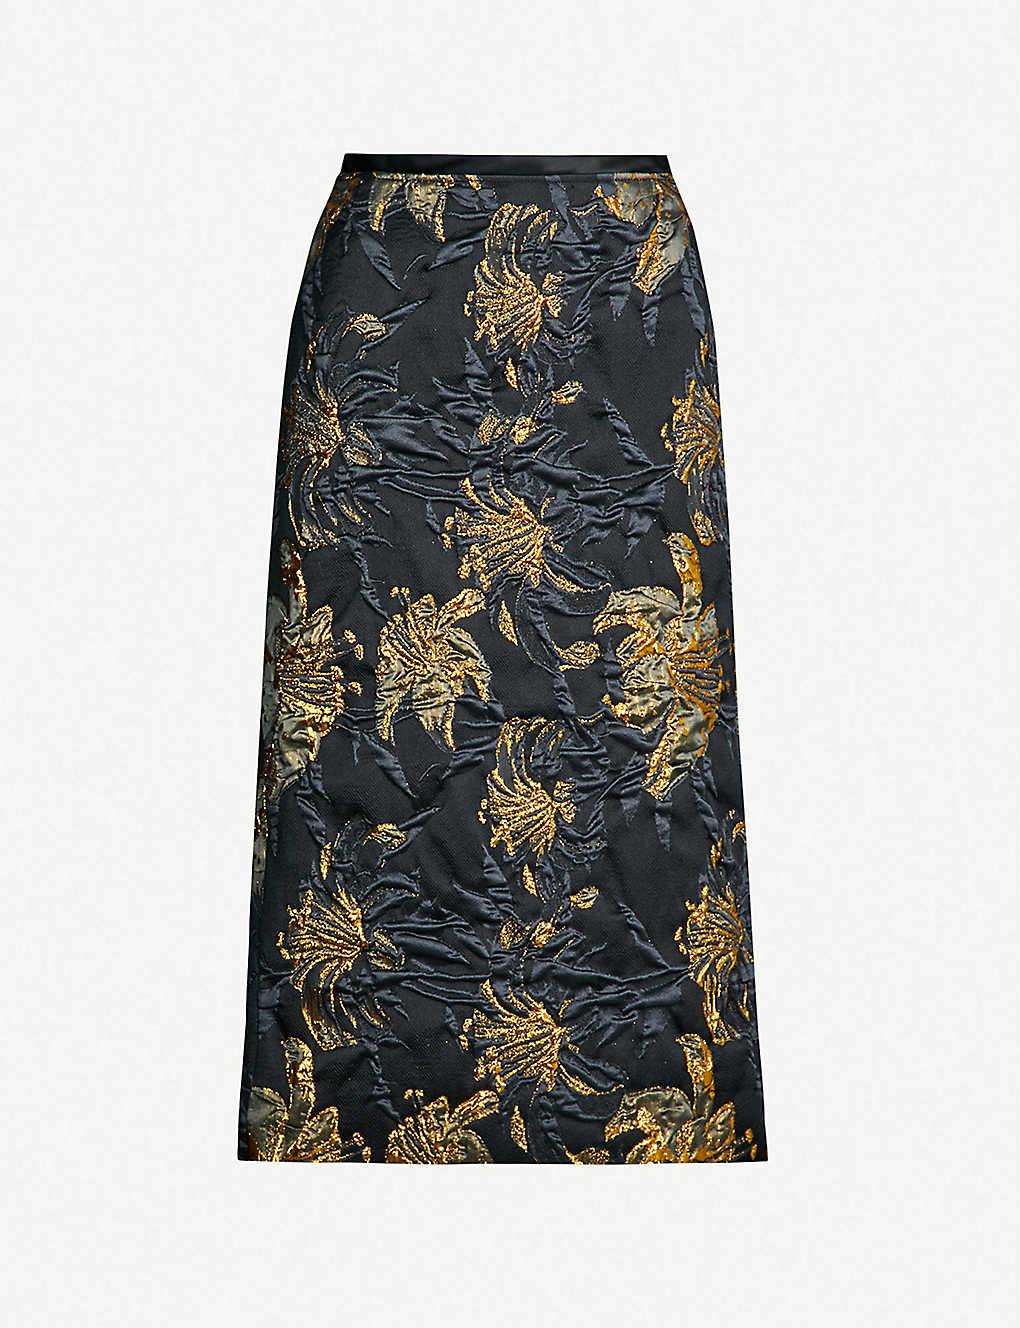 aaac021a0724 DRIES VAN NOTEN - Metallic and satin floral-jacquard pencil skirt    Selfridges.com